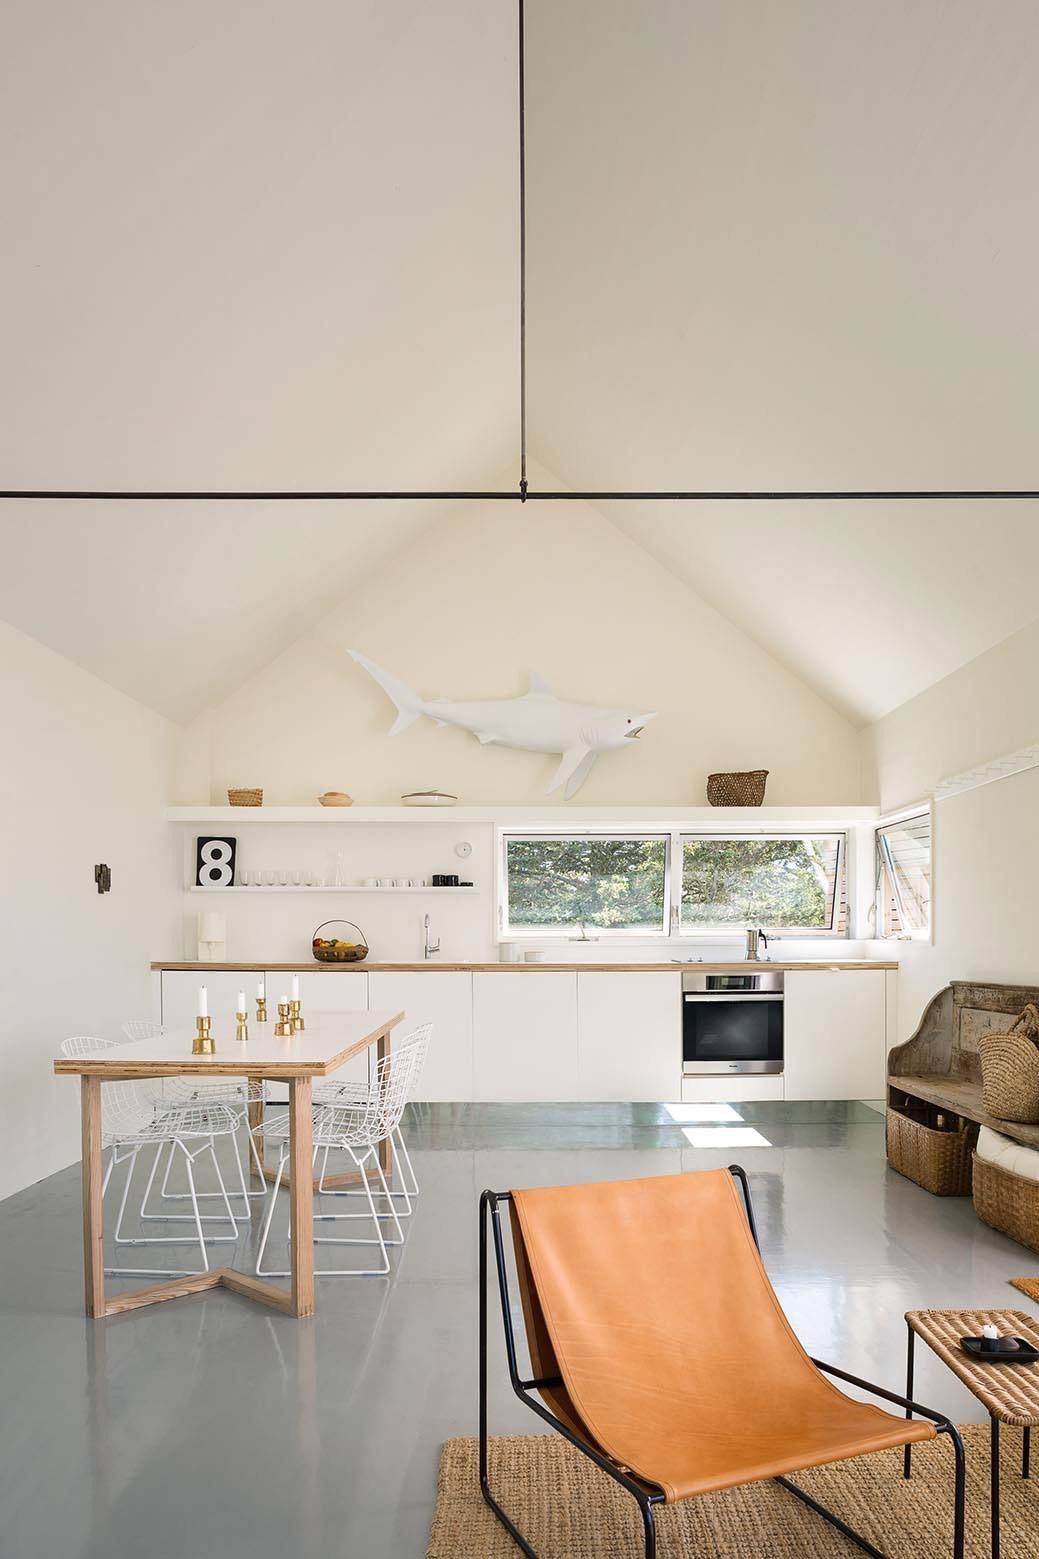 Nett Billige Küchenspülen Melbourne Zeitgenössisch - Ideen Für Die ...